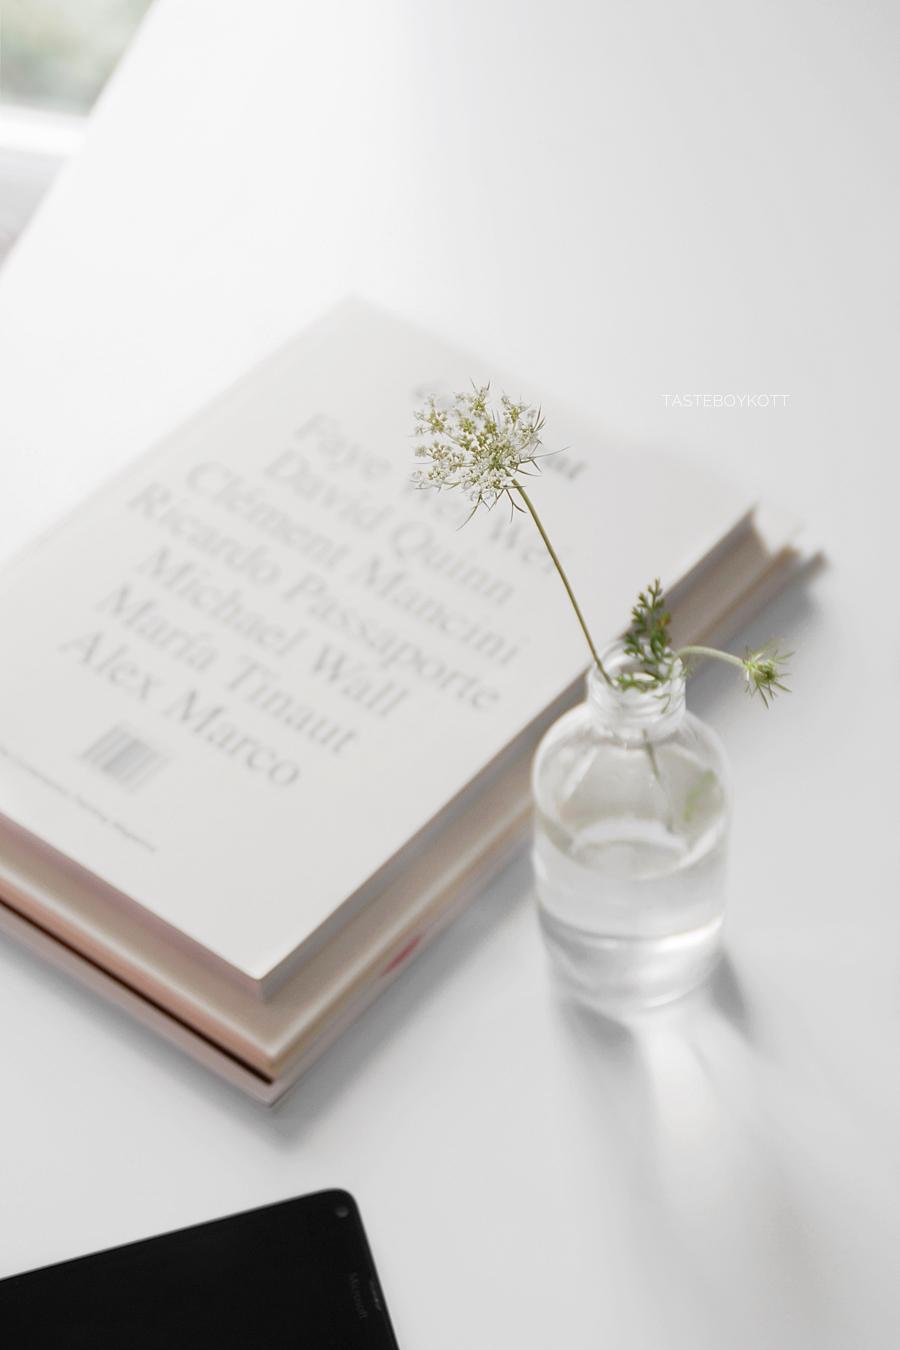 Weiße Wiesenblumen als moderne schlichte Sommerdeko. Dekoration skandinavisch minimalistisch Tasteboykott Wohnblog Wohninspiration